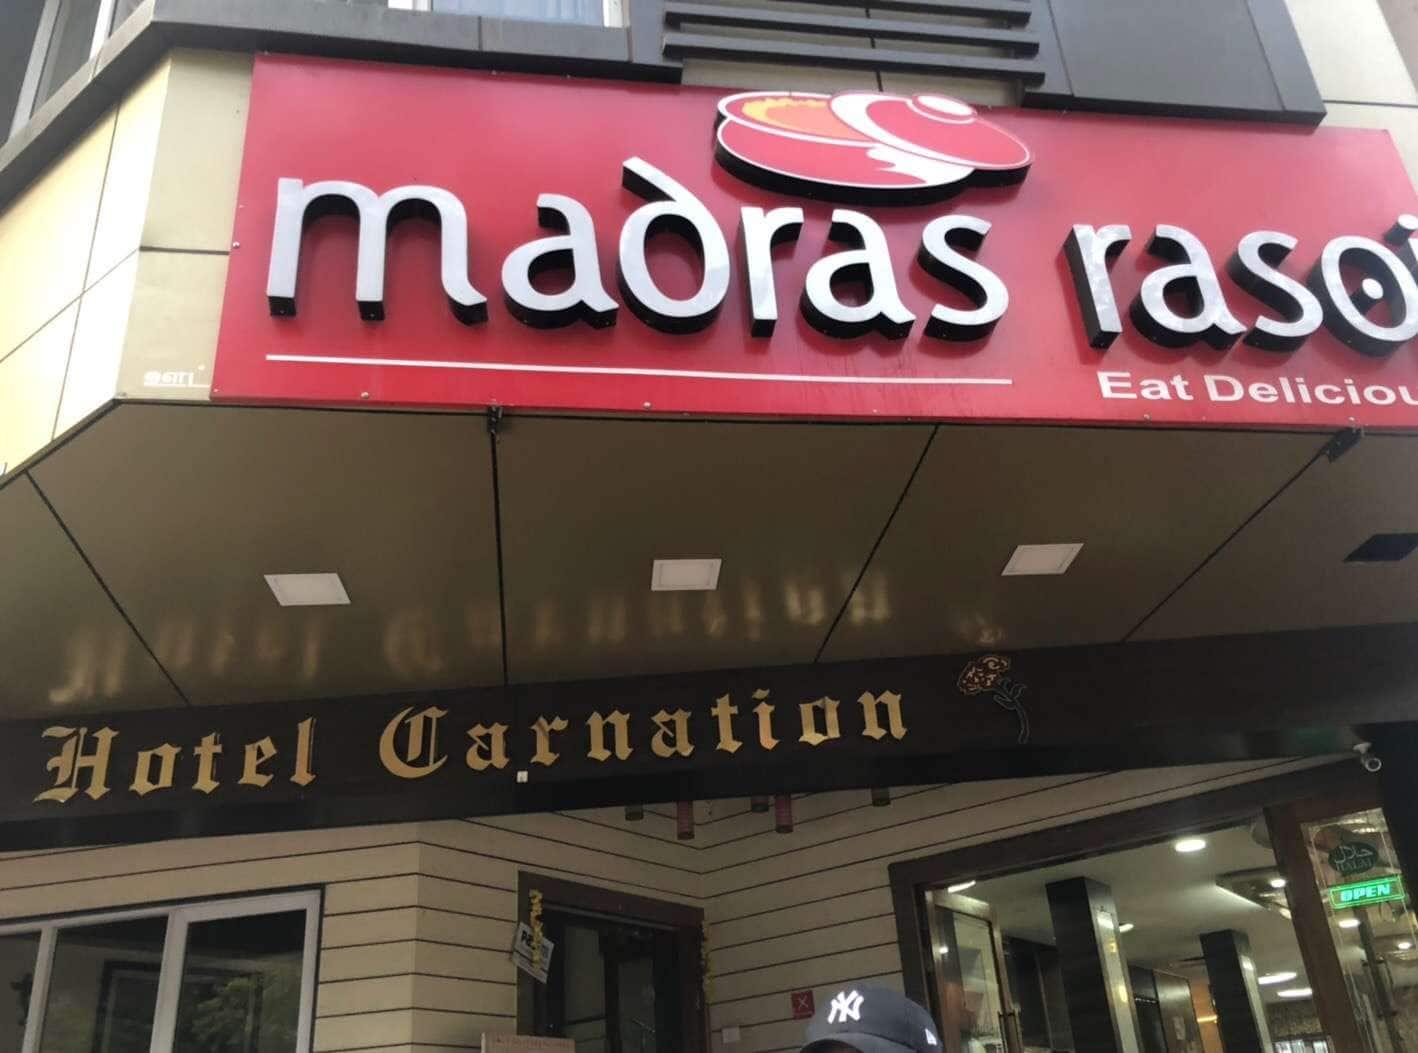 Madras Rasoi